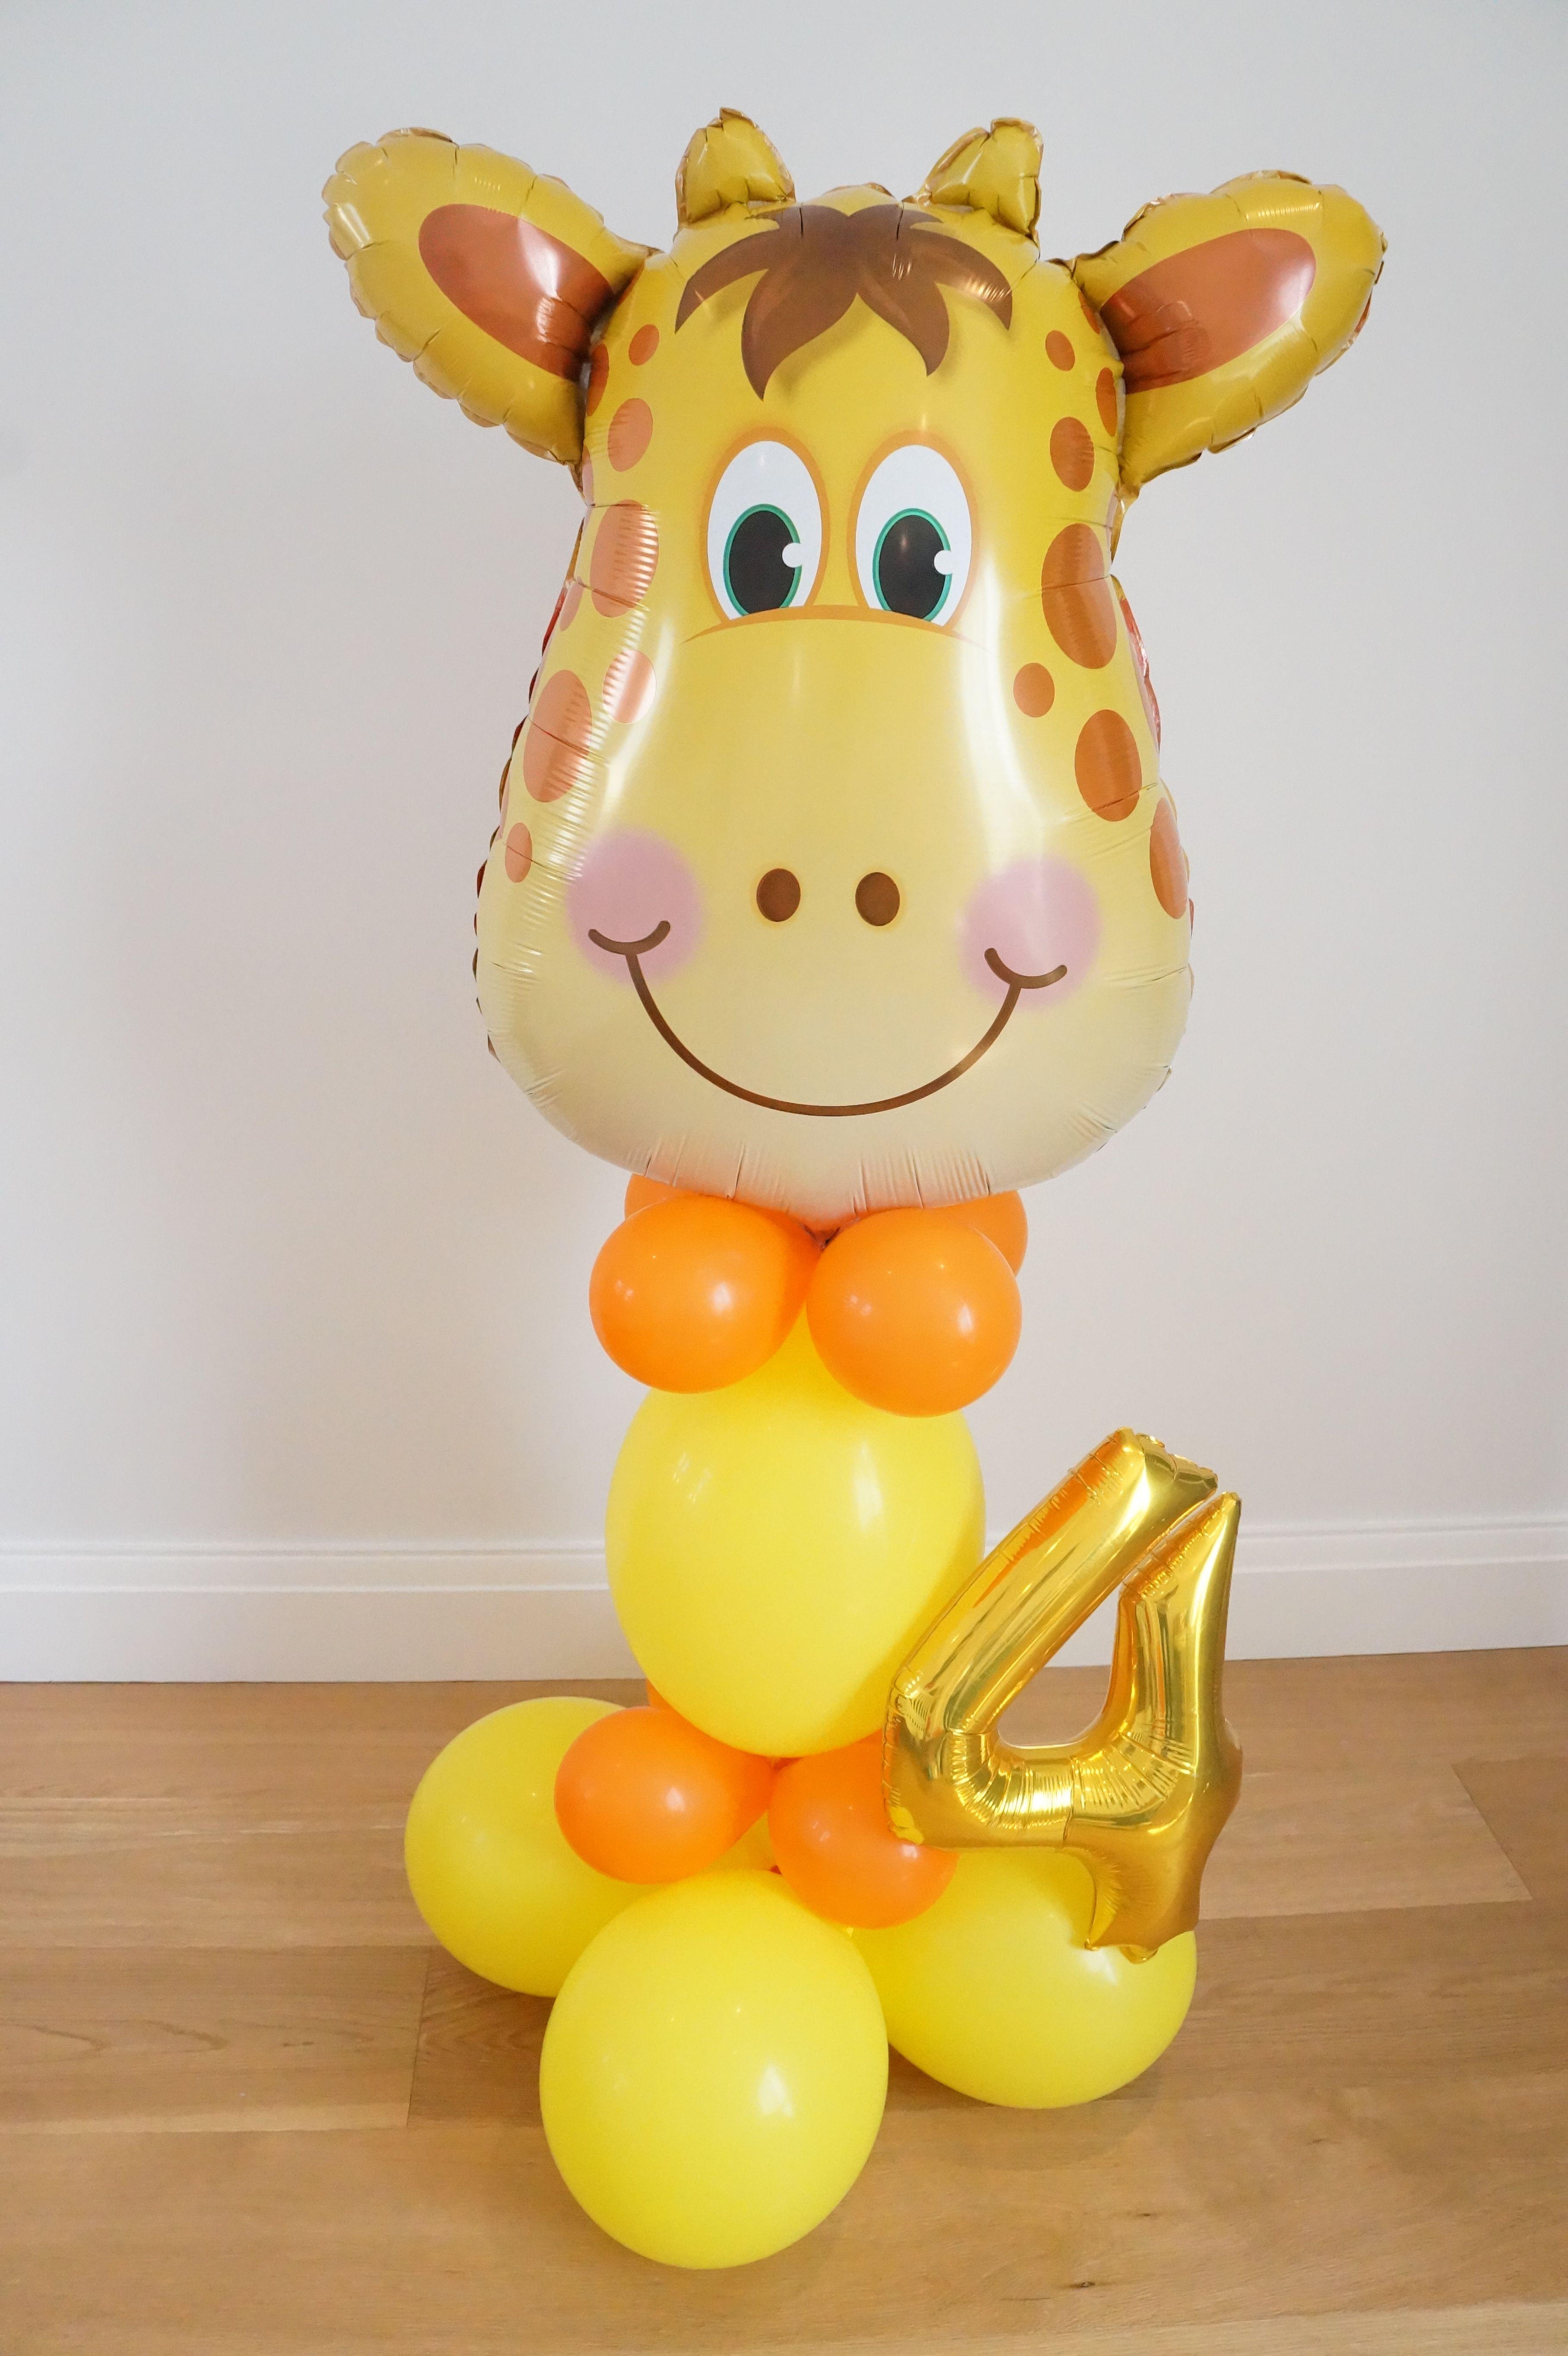 Party Decor Helium Balloon Animal Balloons Cartoon balloon Birthday Supplies